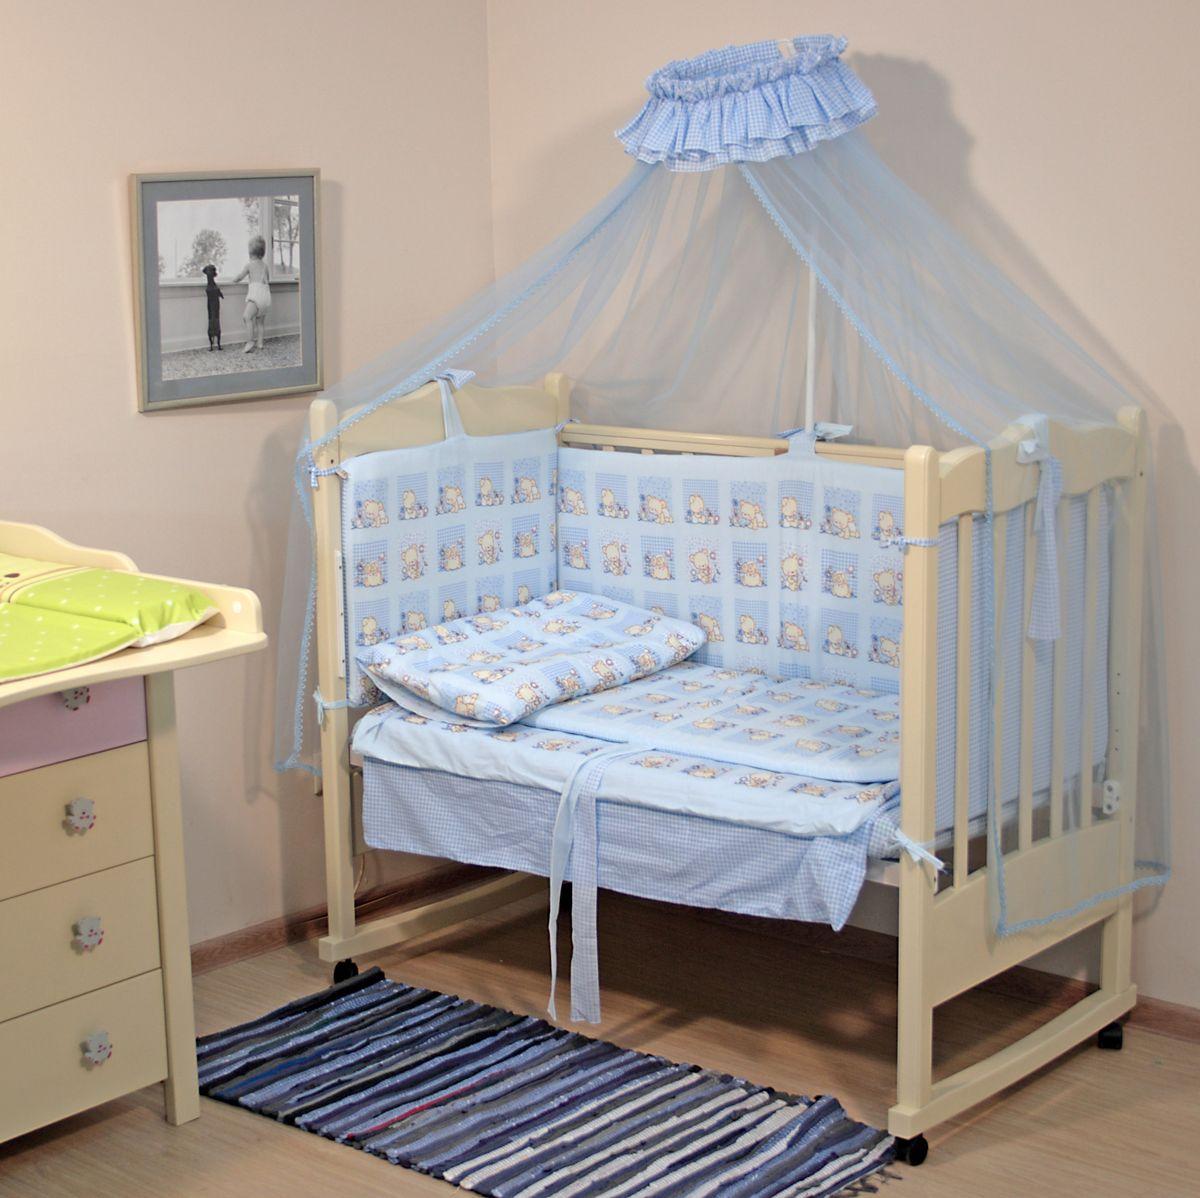 Комплект постельного белья из 7 предметов включает все необходимые элементы для детской кроватки.  Комплект создает для Вашего ребенка уют, комфорт и безопасную среду с рождения, современный дизайн и цветовые сочетания помогают  ребенку адаптироваться в новом для него мире.   Комплекты «Топотушки» хорошо вписываются в интерьер как детской комнаты, так и спальни родителей. Как и все изделия «Топотушки» данный  комплект отражает самые последние технологии, является безопасным для малыша и экологичным. Российское происхождение комплекта  гарантирует стабильно высокое качество, соответствие актуальным пожеланиям потребителей, конкурентоспособную цену.  Комплектация: Балдахин 3м (сетка); охранный бампер 360х50см. (из 4-х частей, наполнитель – холлофайбер); подушка 40х60см. (наполнитель – холлофайбер); одеяло 140х110см. (наполнитель – холлофайбер); наволочка 40х60см; пододеяльник 147х112см; простынь на резинке 120х60см